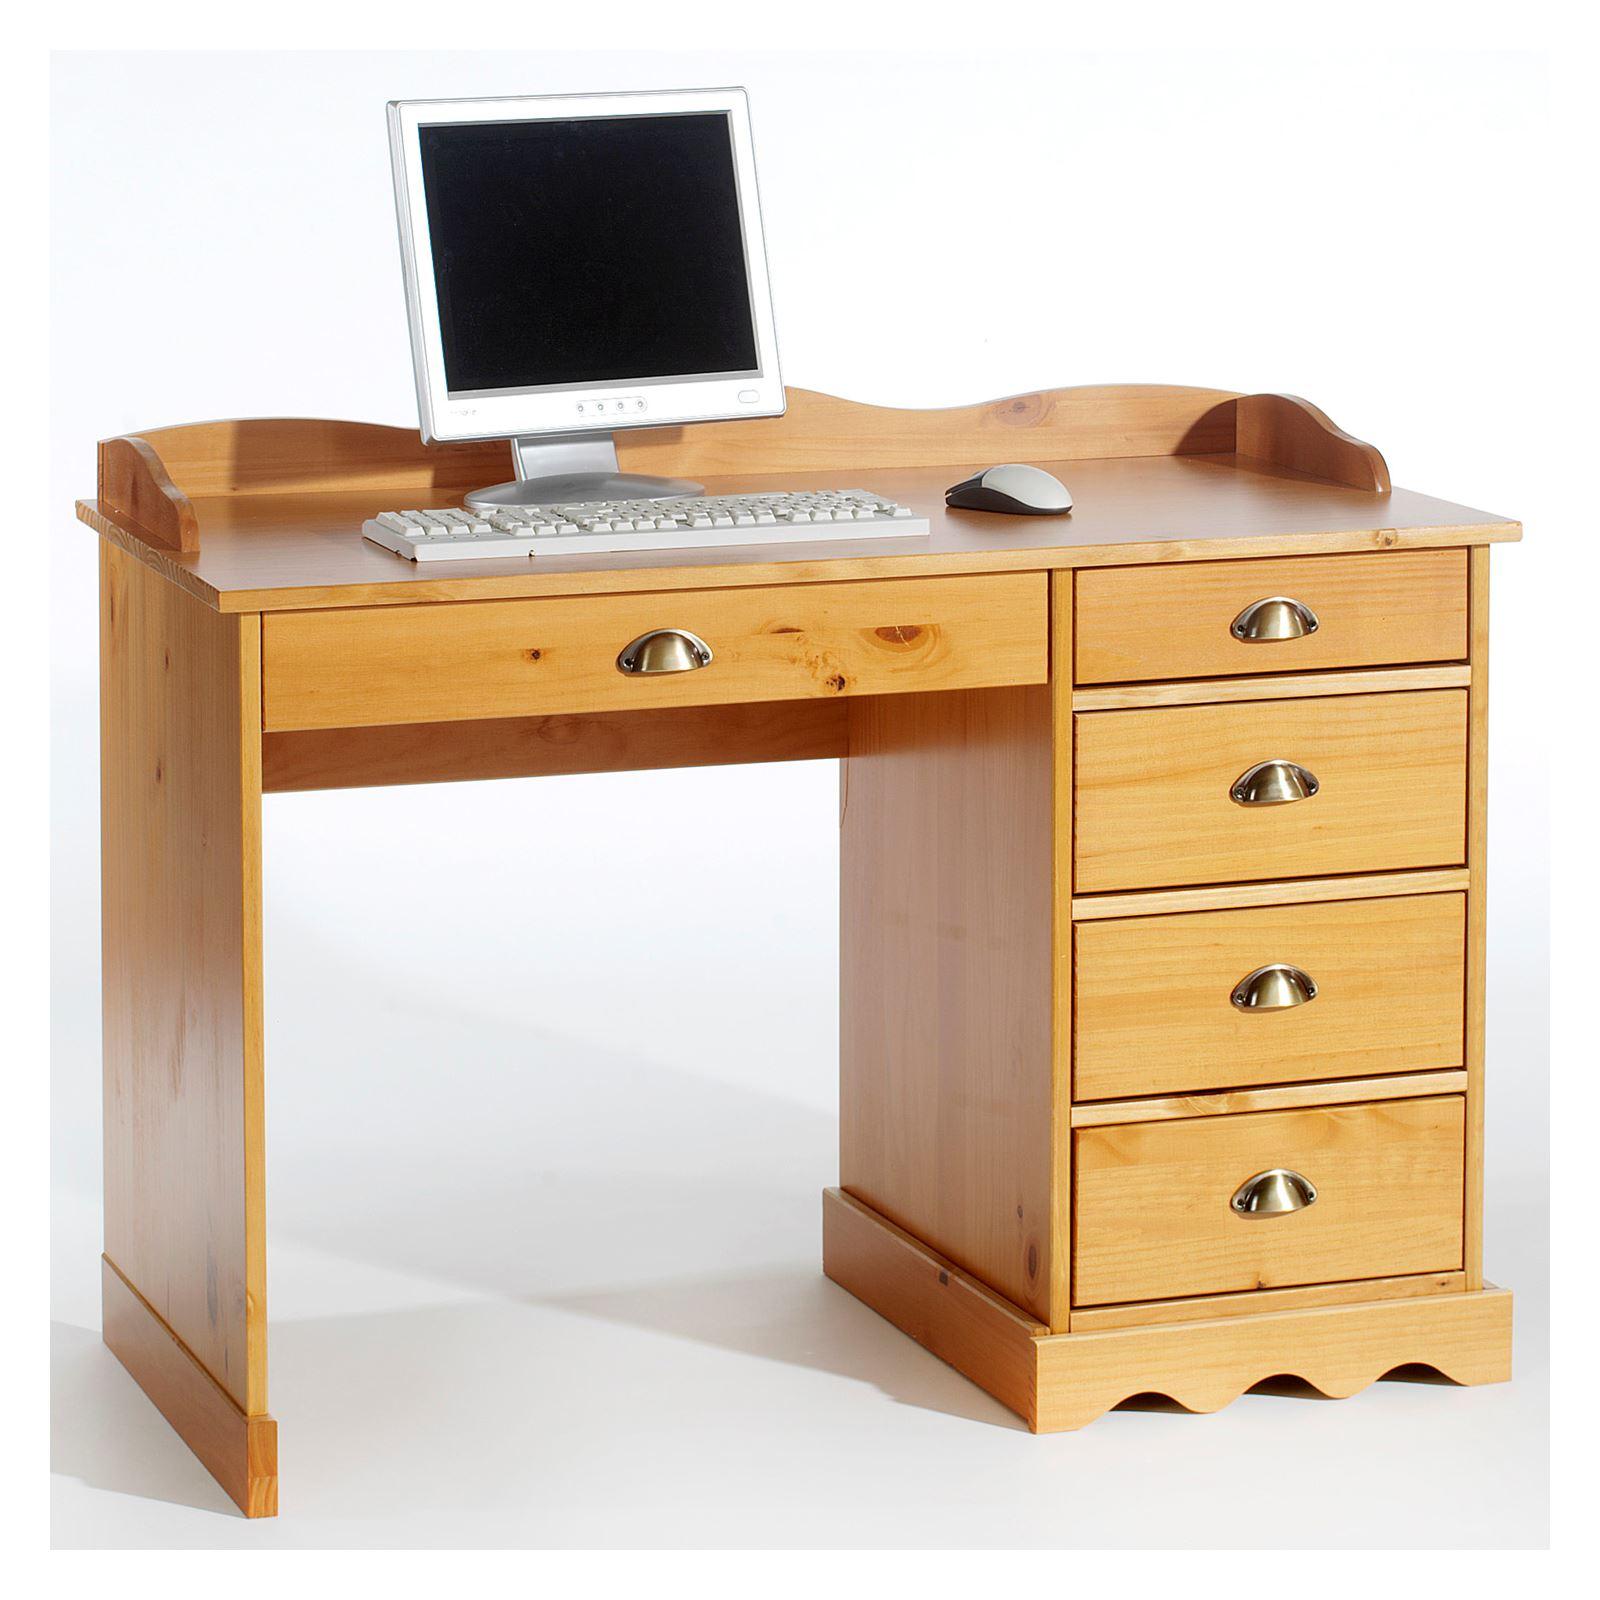 schreibtisch colette m aufsatz honigfarben mobilia24. Black Bedroom Furniture Sets. Home Design Ideas